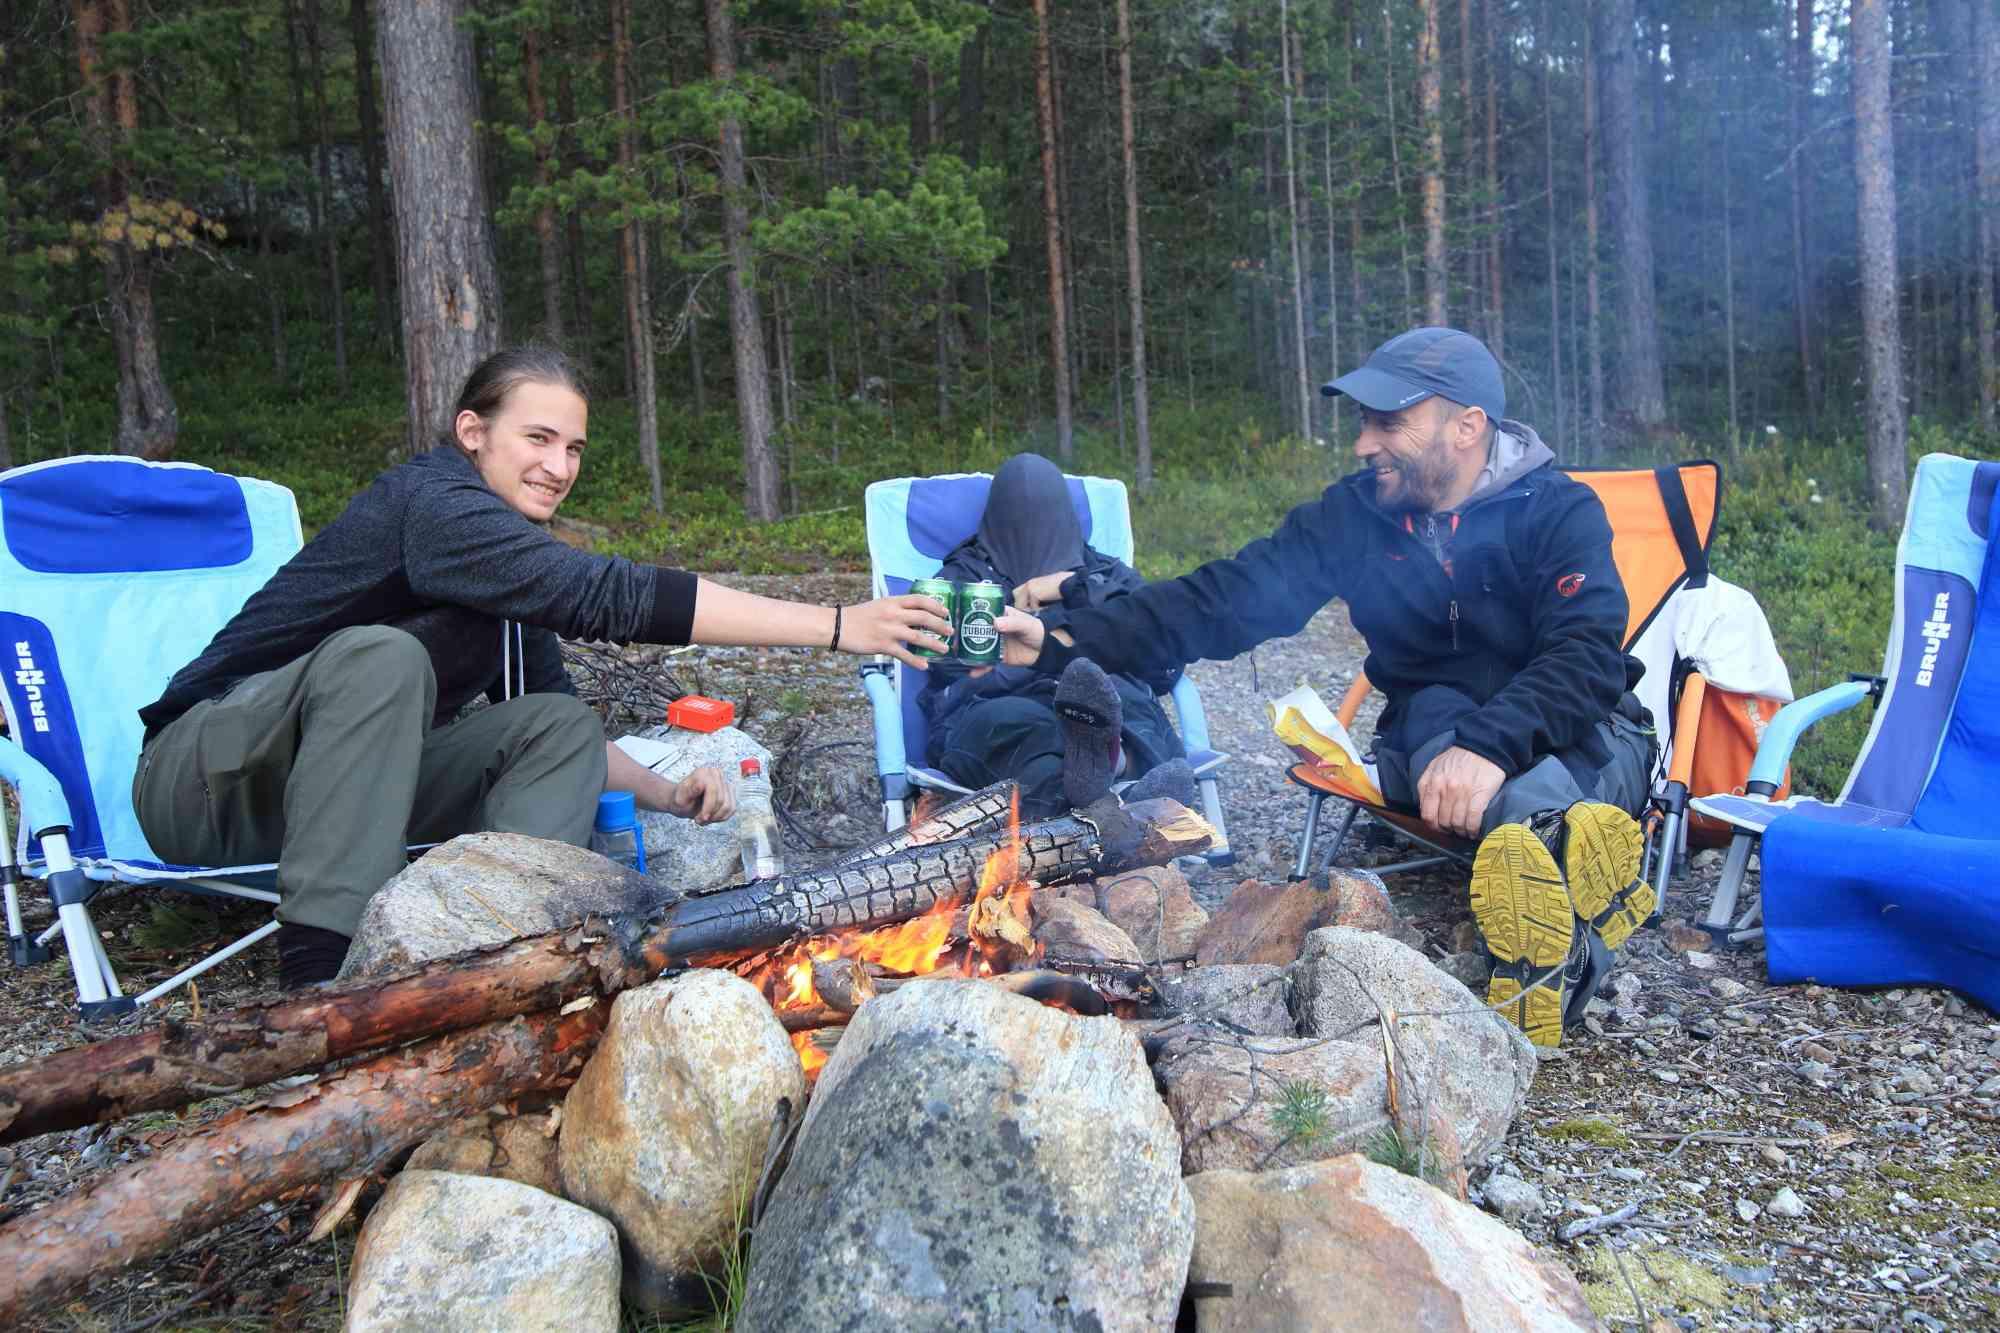 Na Finskem je mozno kampirati prakticno na vsakem koraku